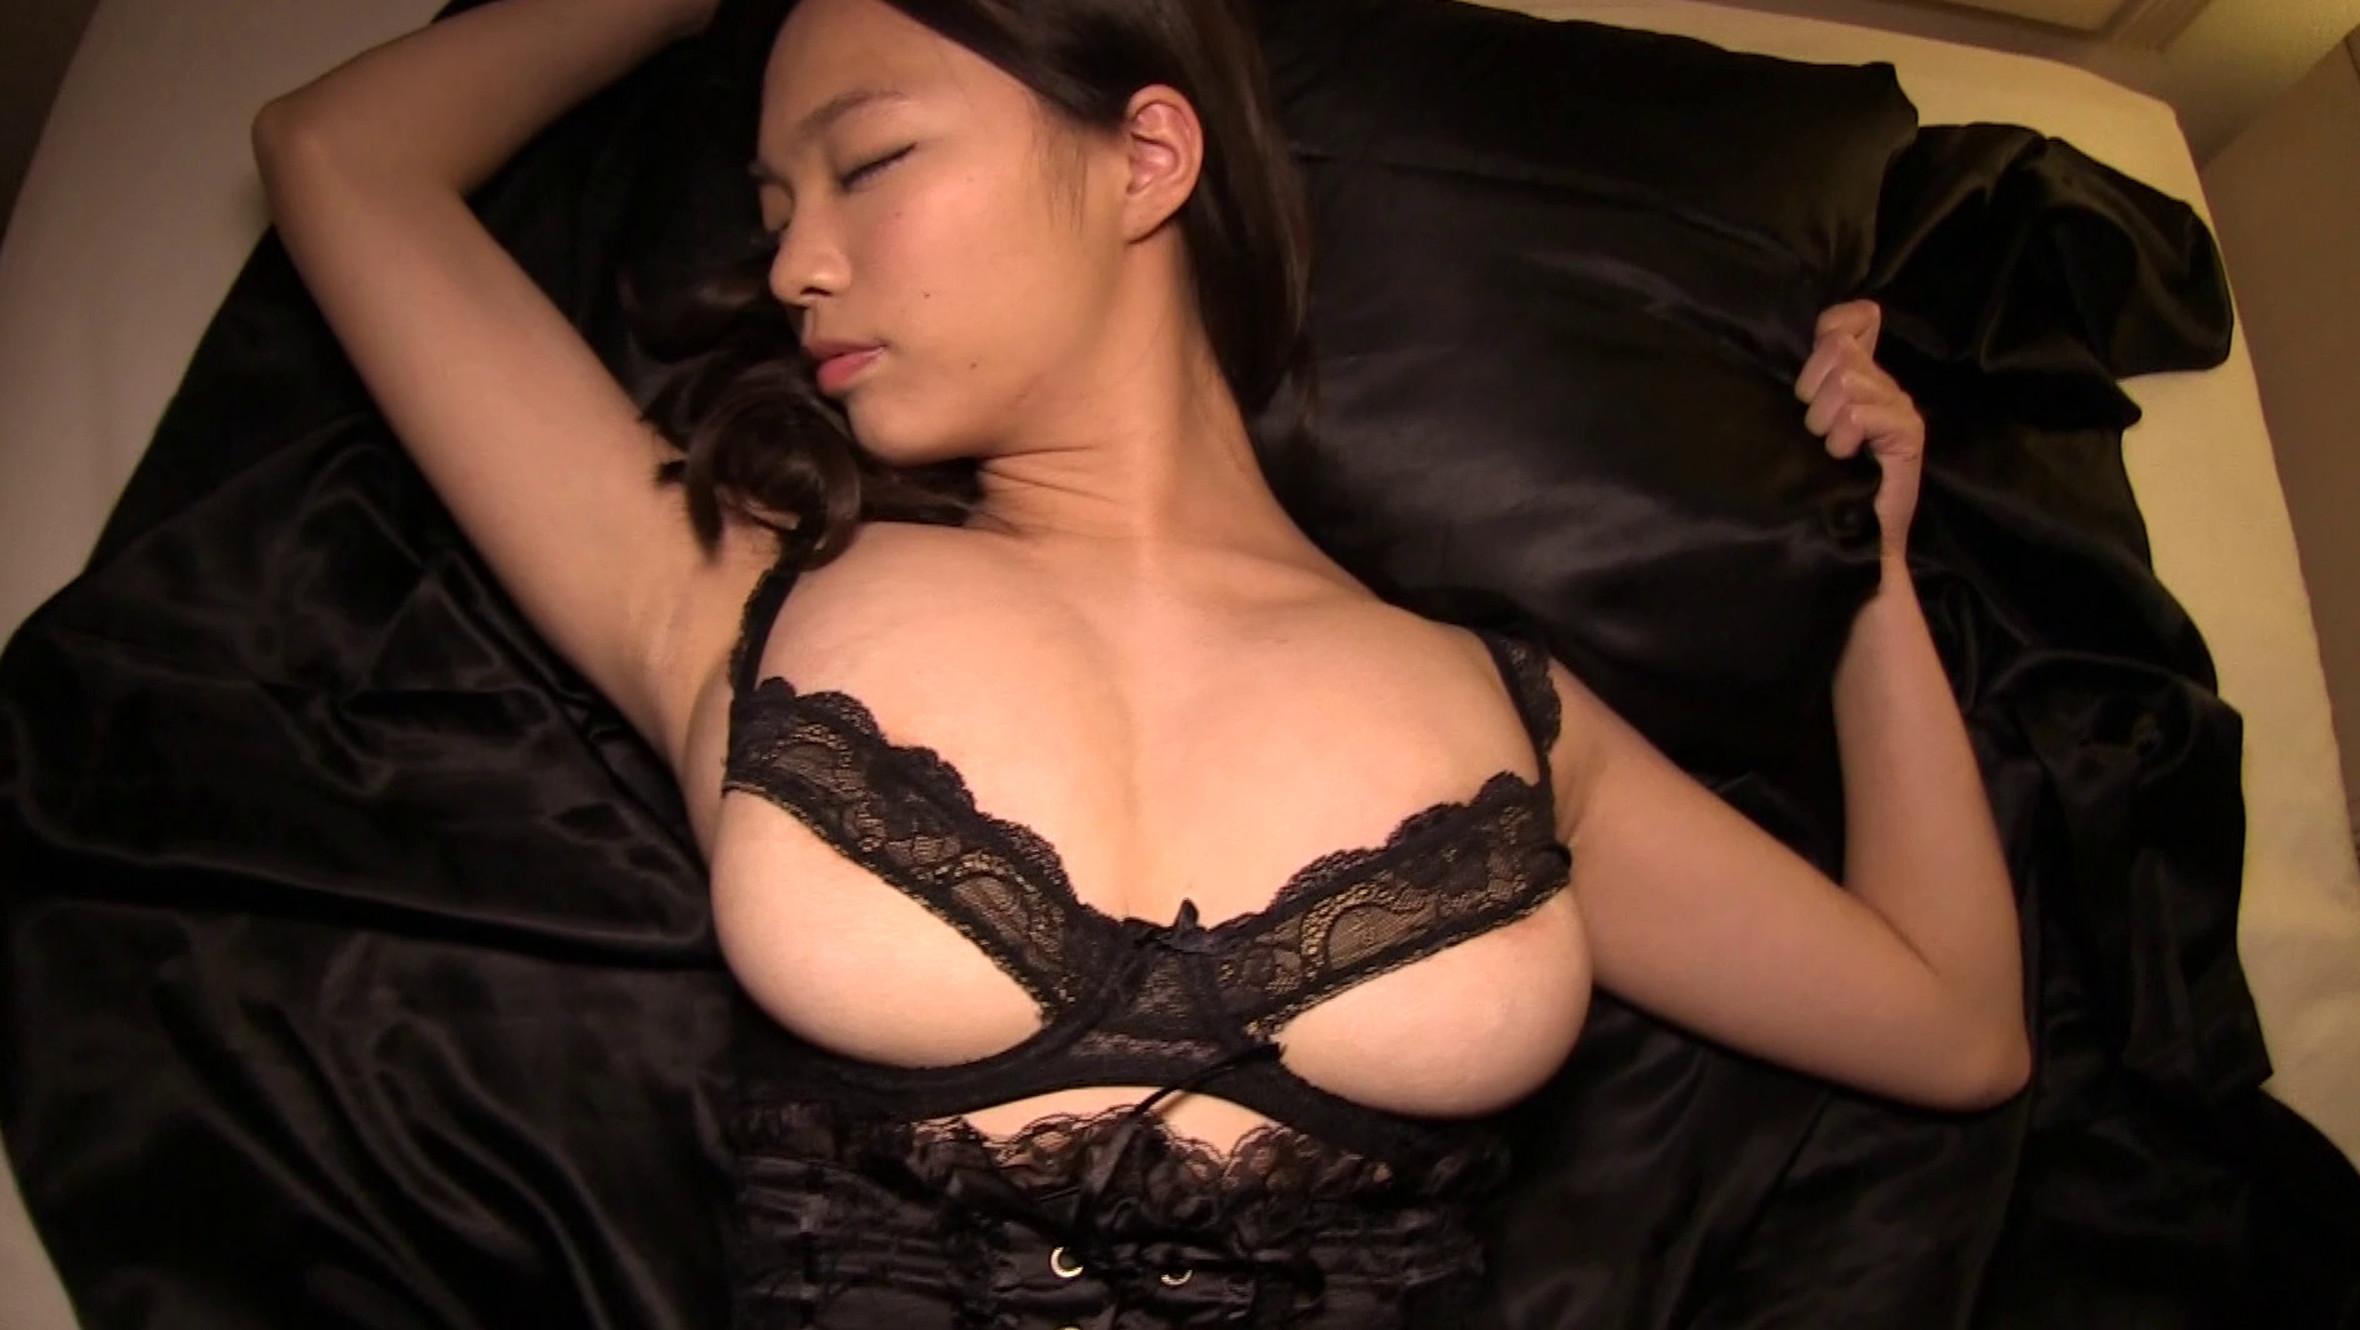 グラドルの鷹羽澪ちゃんが99cmIカップ爆乳の乳輪見えちゃいそうなセクシー衣装を着ている画像